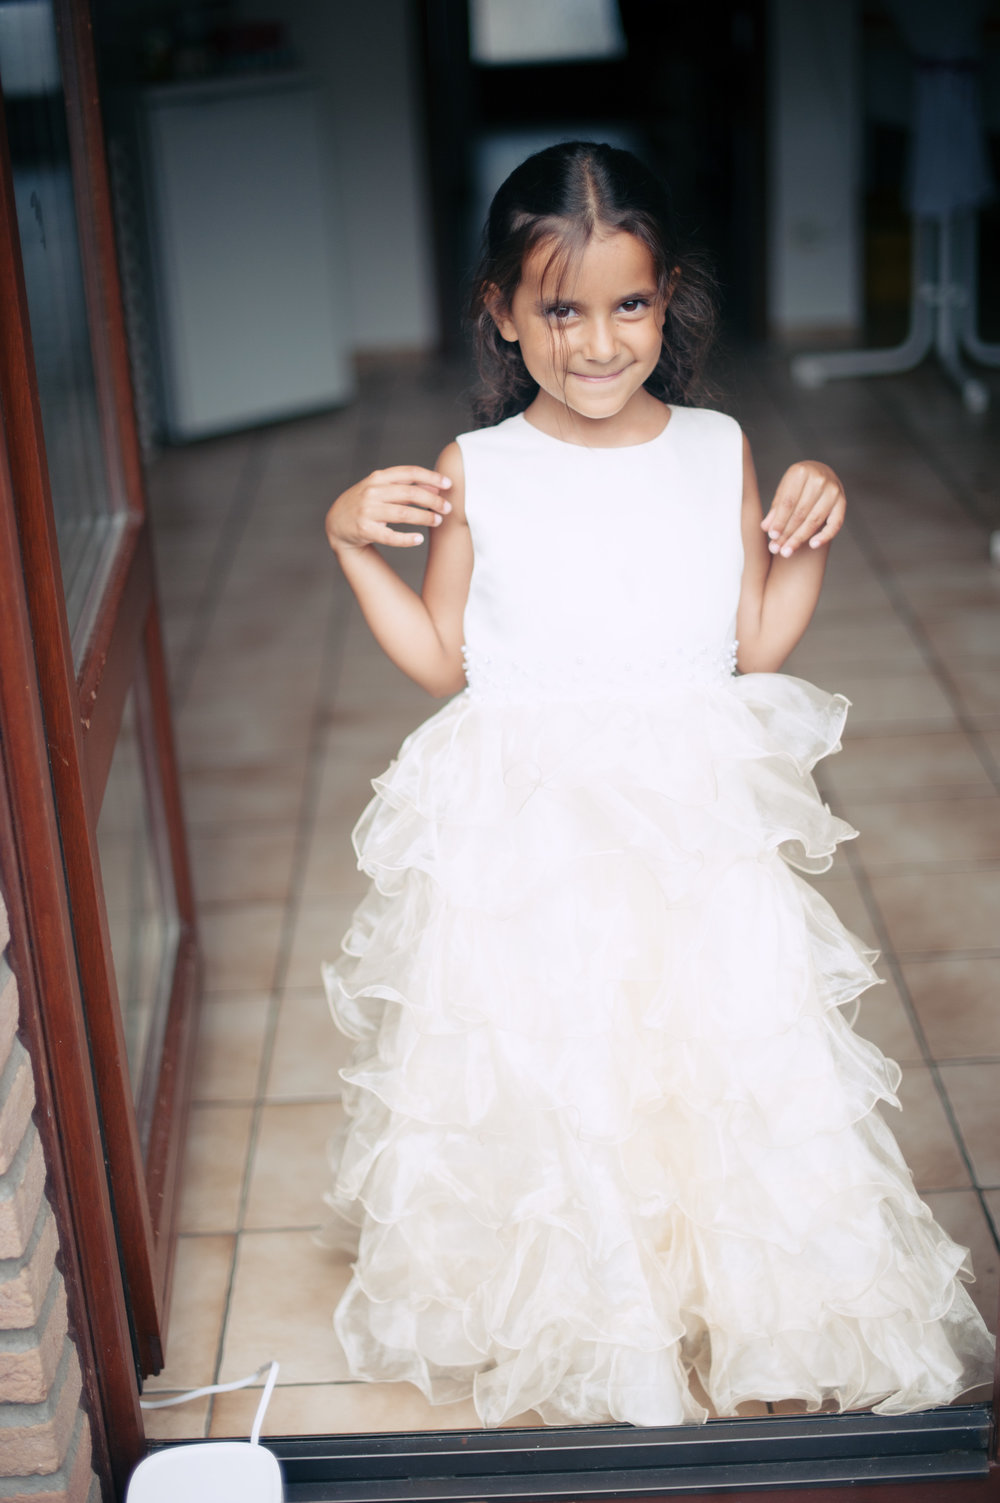 hochzeit-kind-blumenkind-kleid.jpg